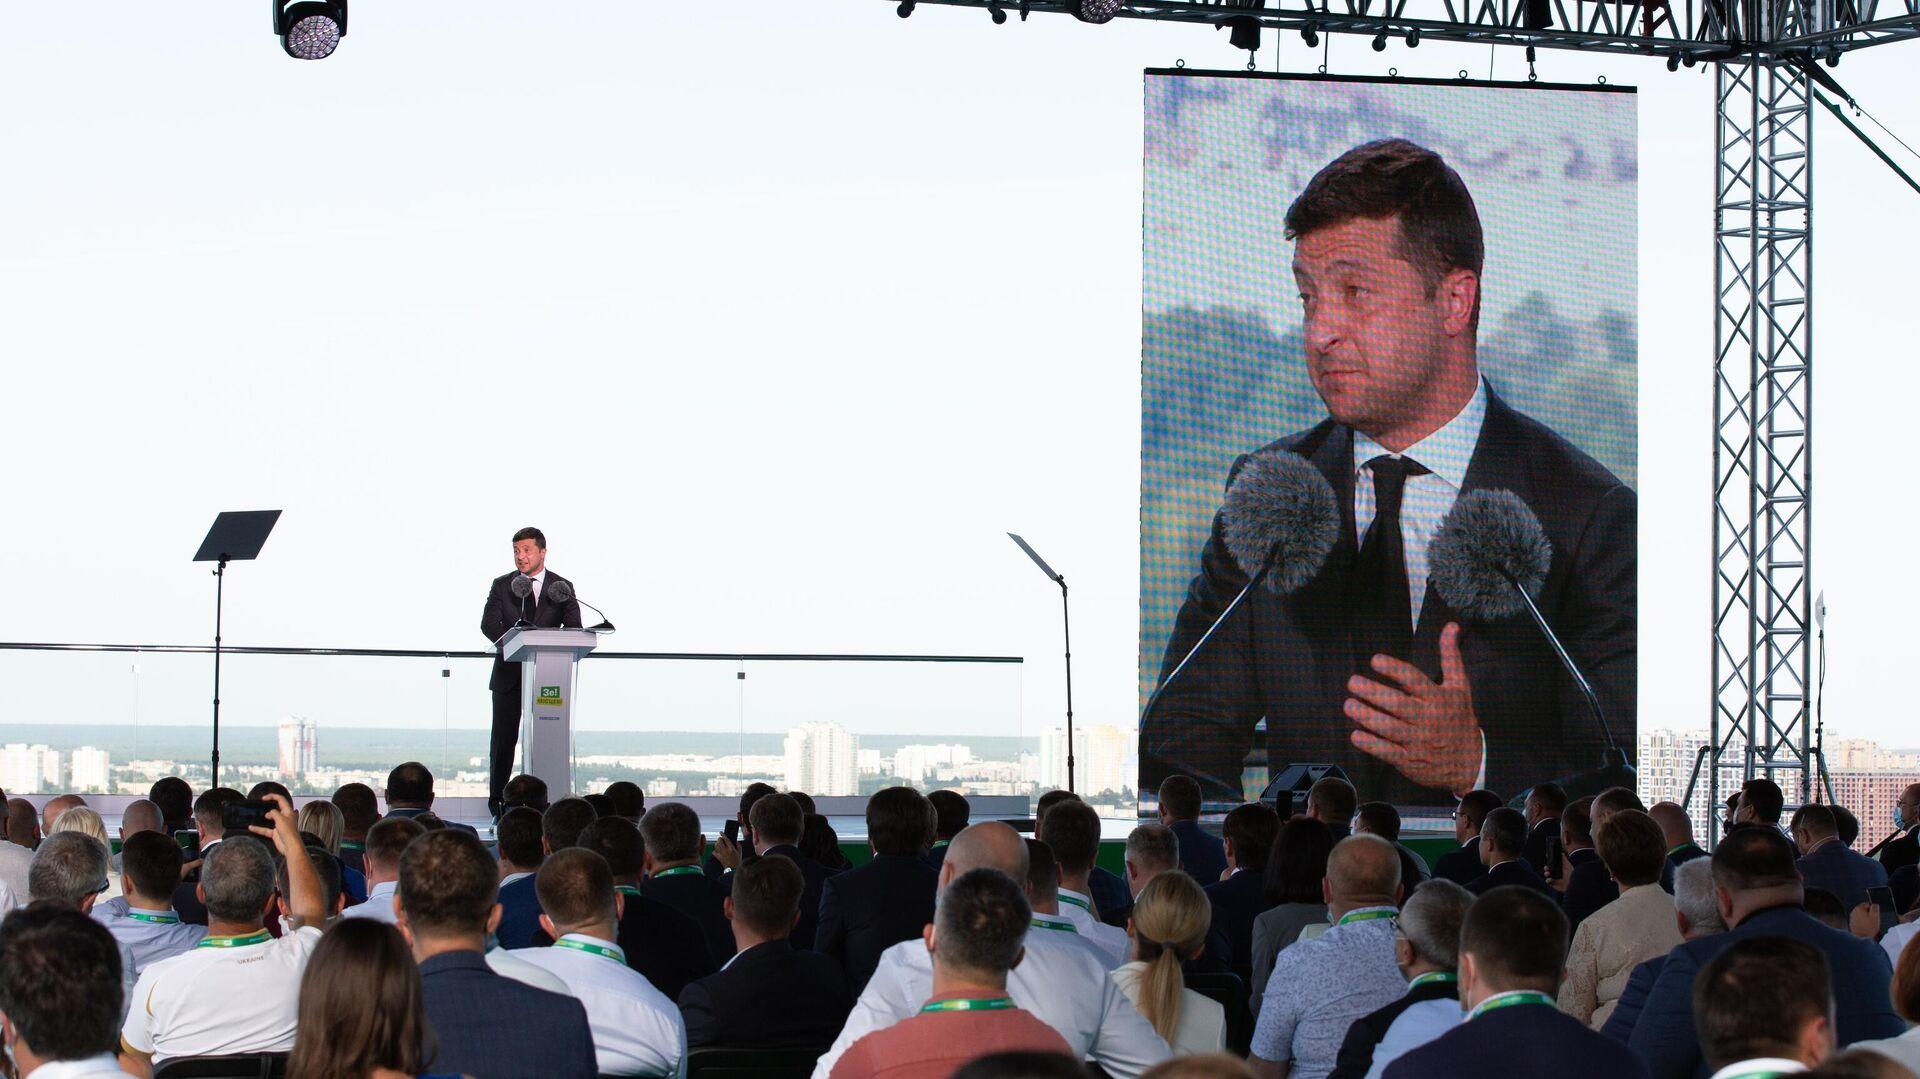 Президент Украины Владимир Зеленский выступает на съезде партии Слуга народа в Киеве - РИА Новости, 1920, 16.10.2020